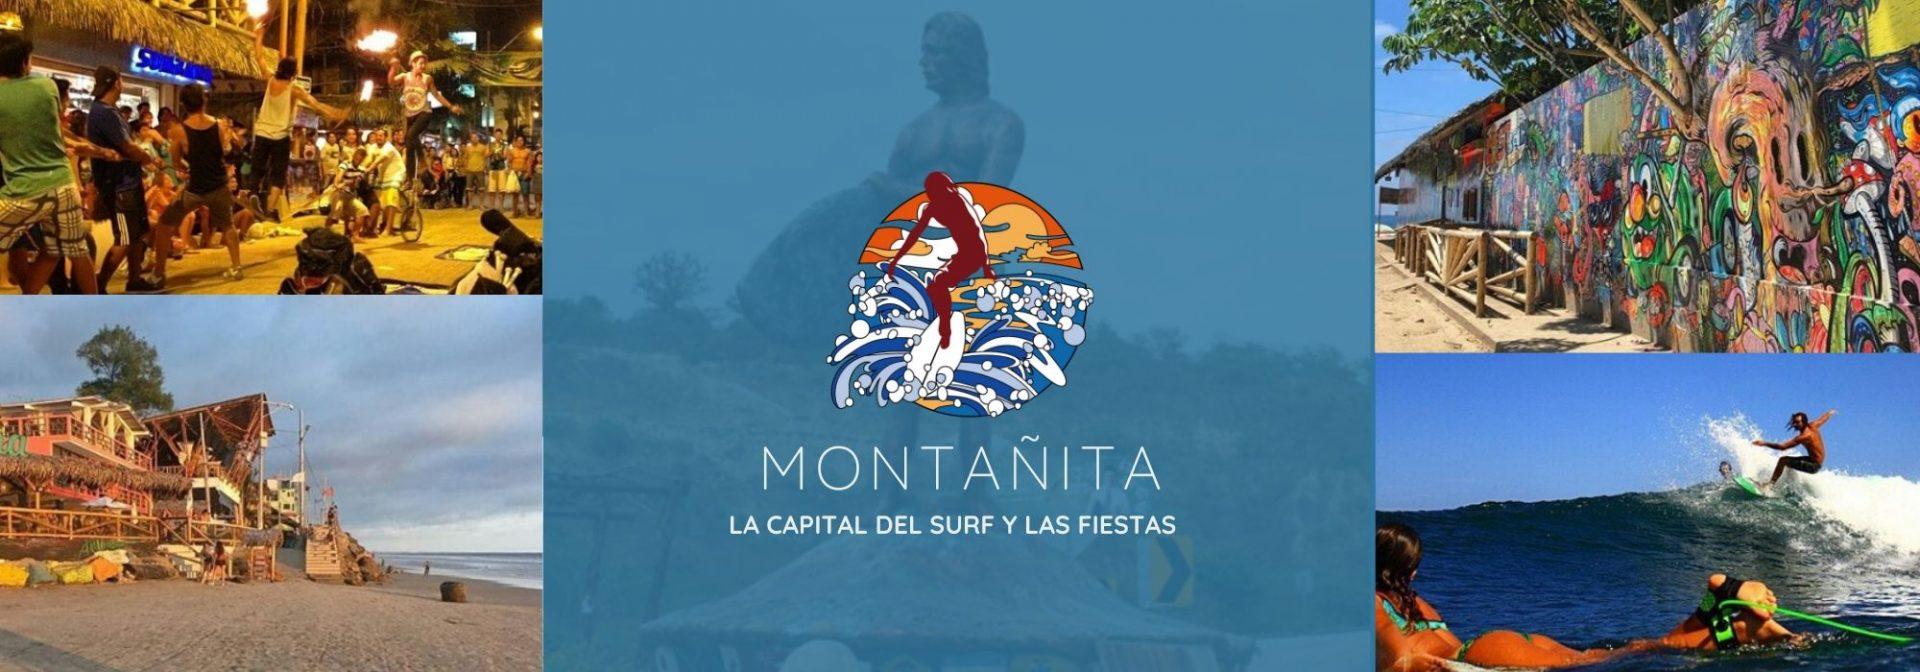 Montañita en Ecuador: Playas, fiestas y surf en montañita provincia de Santa Elena